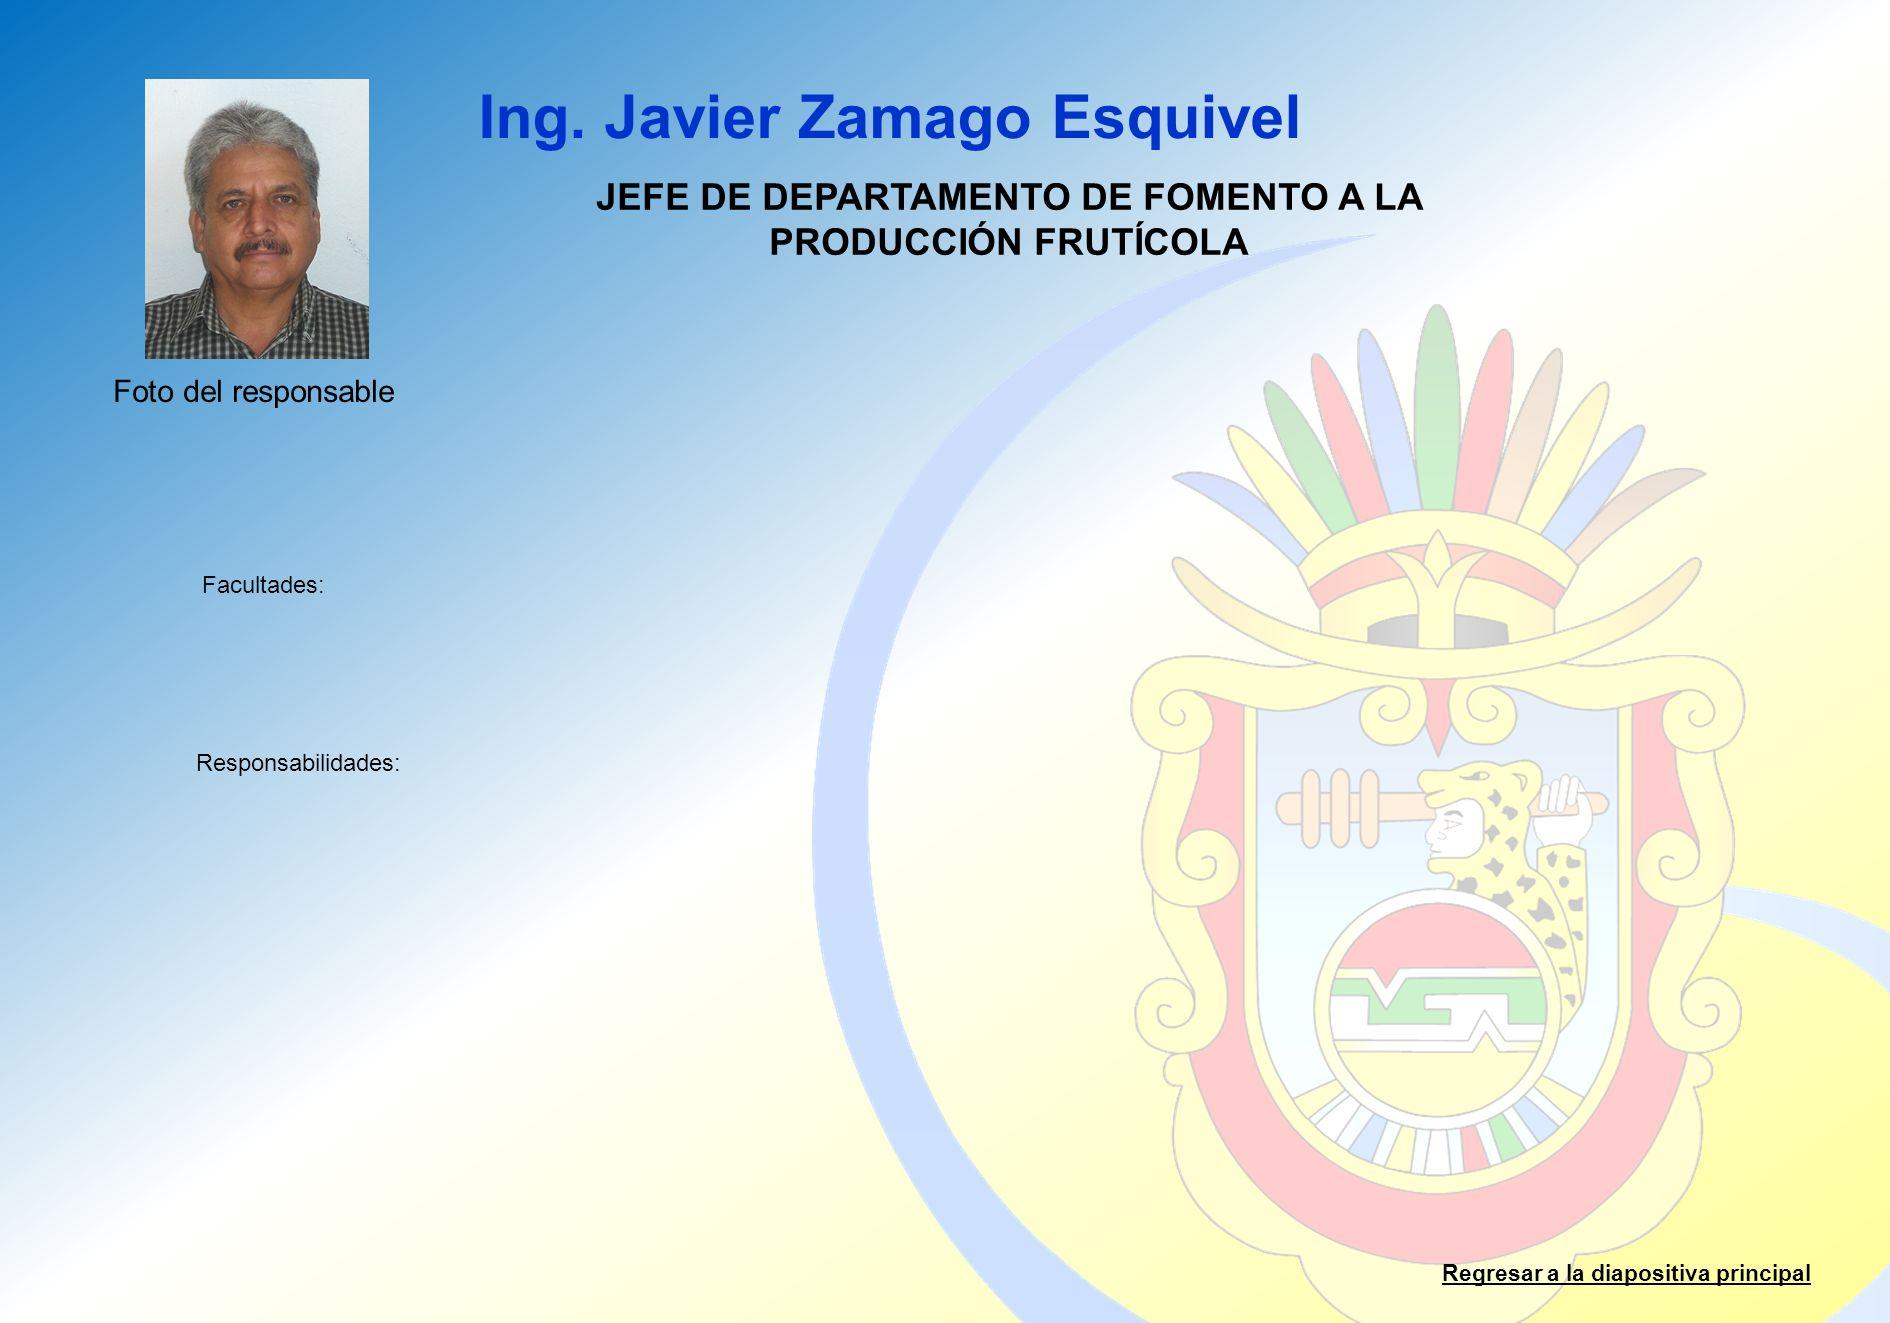 Ing. Javier Zamago Esquivel Facultades: Responsabilidades: Regresar a la diapositiva principal JEFE DE DEPARTAMENTO DE FOMENTO A LA PRODUCCIÓN FRUTÍCO